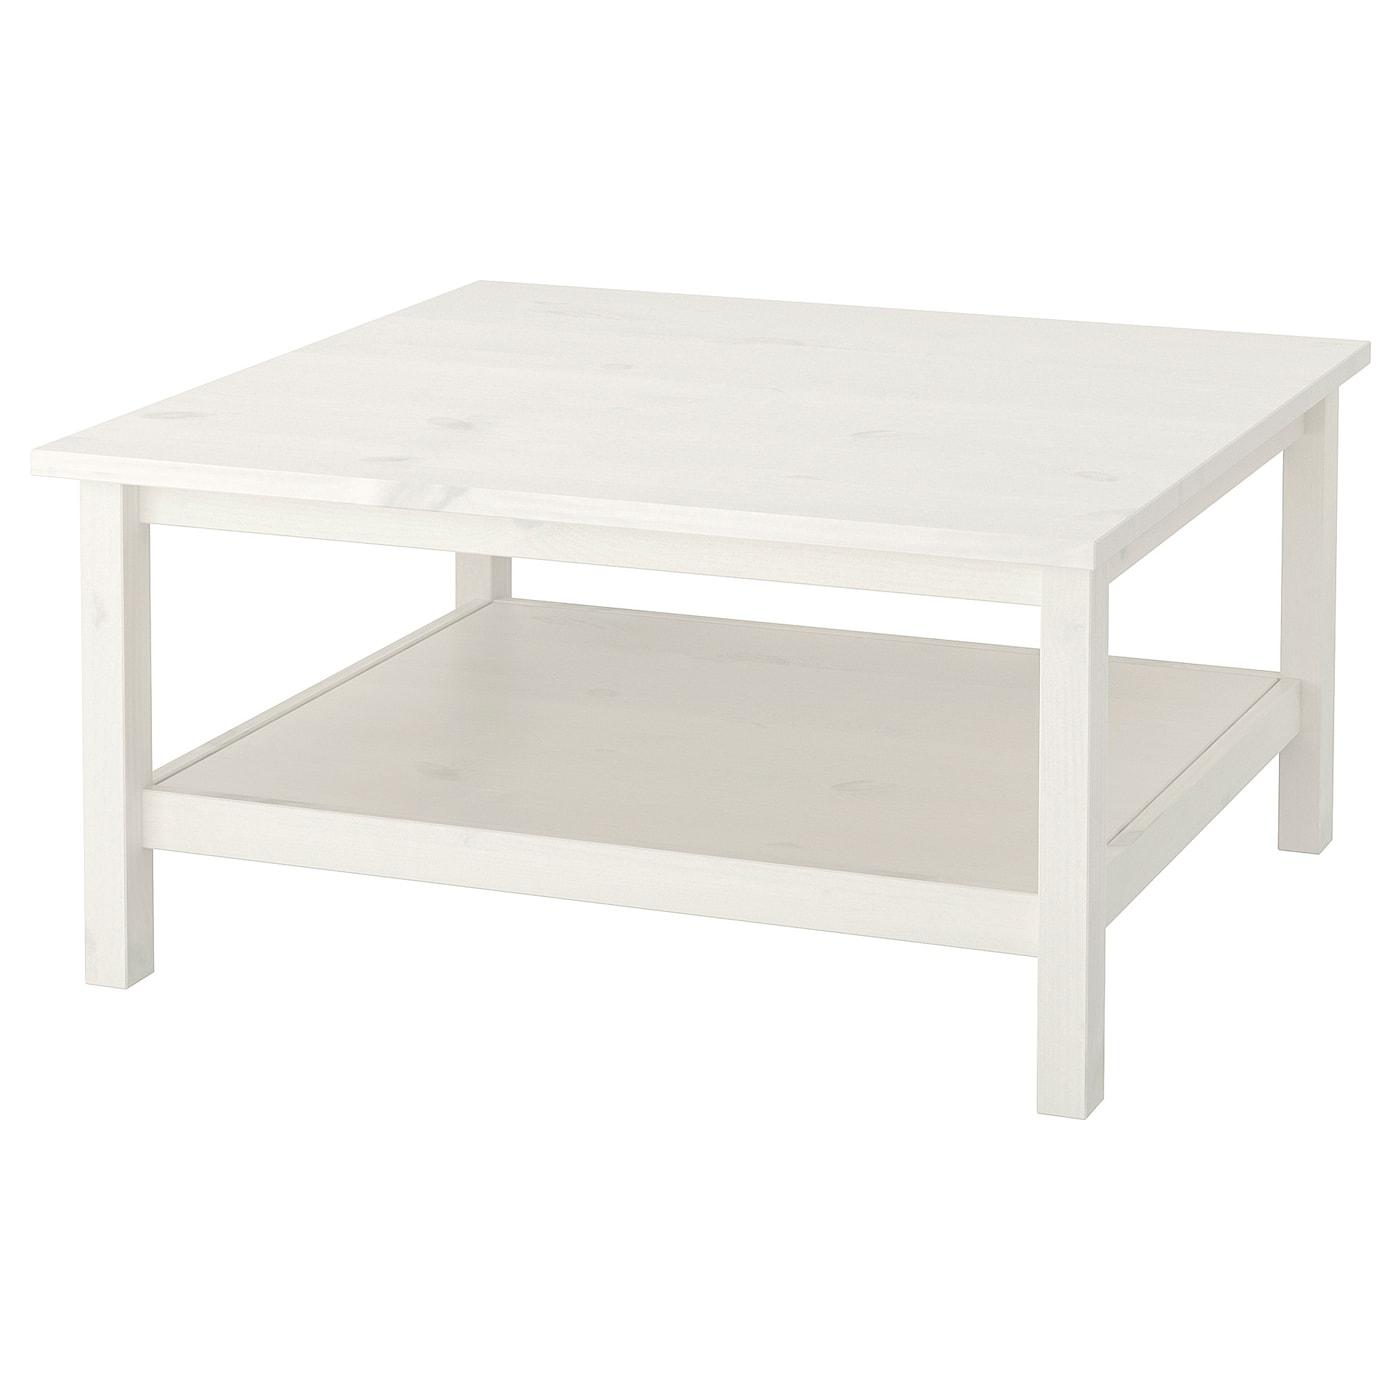 IKEA HEMNES biały, sosnowy stolik, 90x90 cm